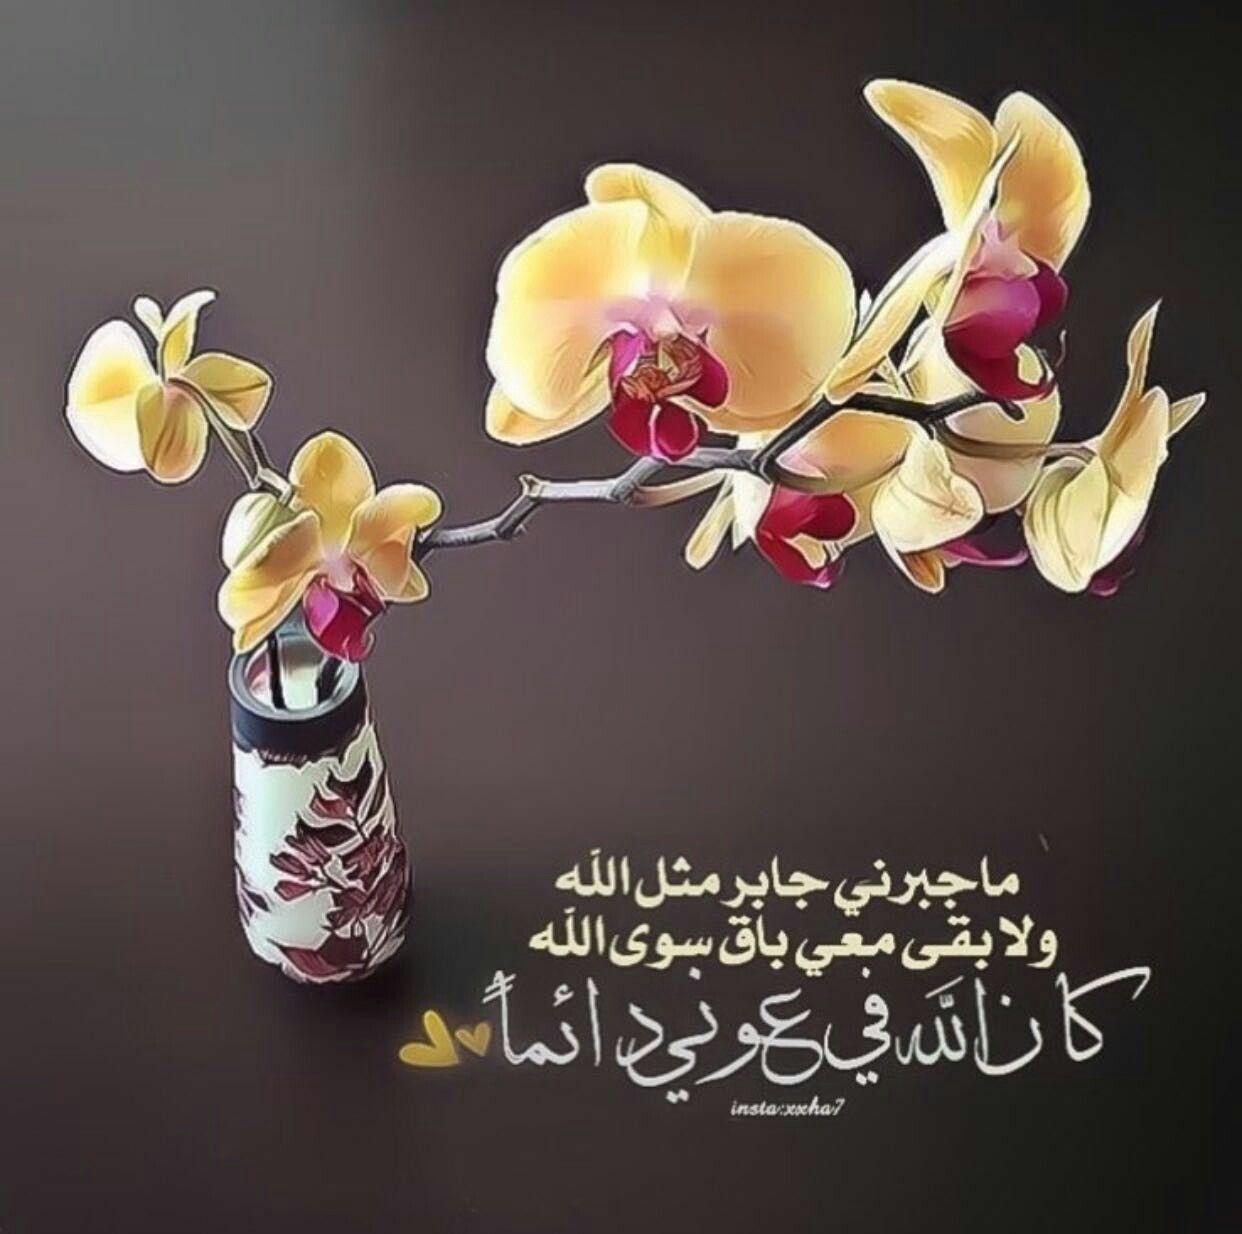 الله اكبر الله اكبر الله اكبر لا اله الا الله الله اكبر الله أكبر ولله الحمد Quran Arabic Crown Jewelry Jewelry